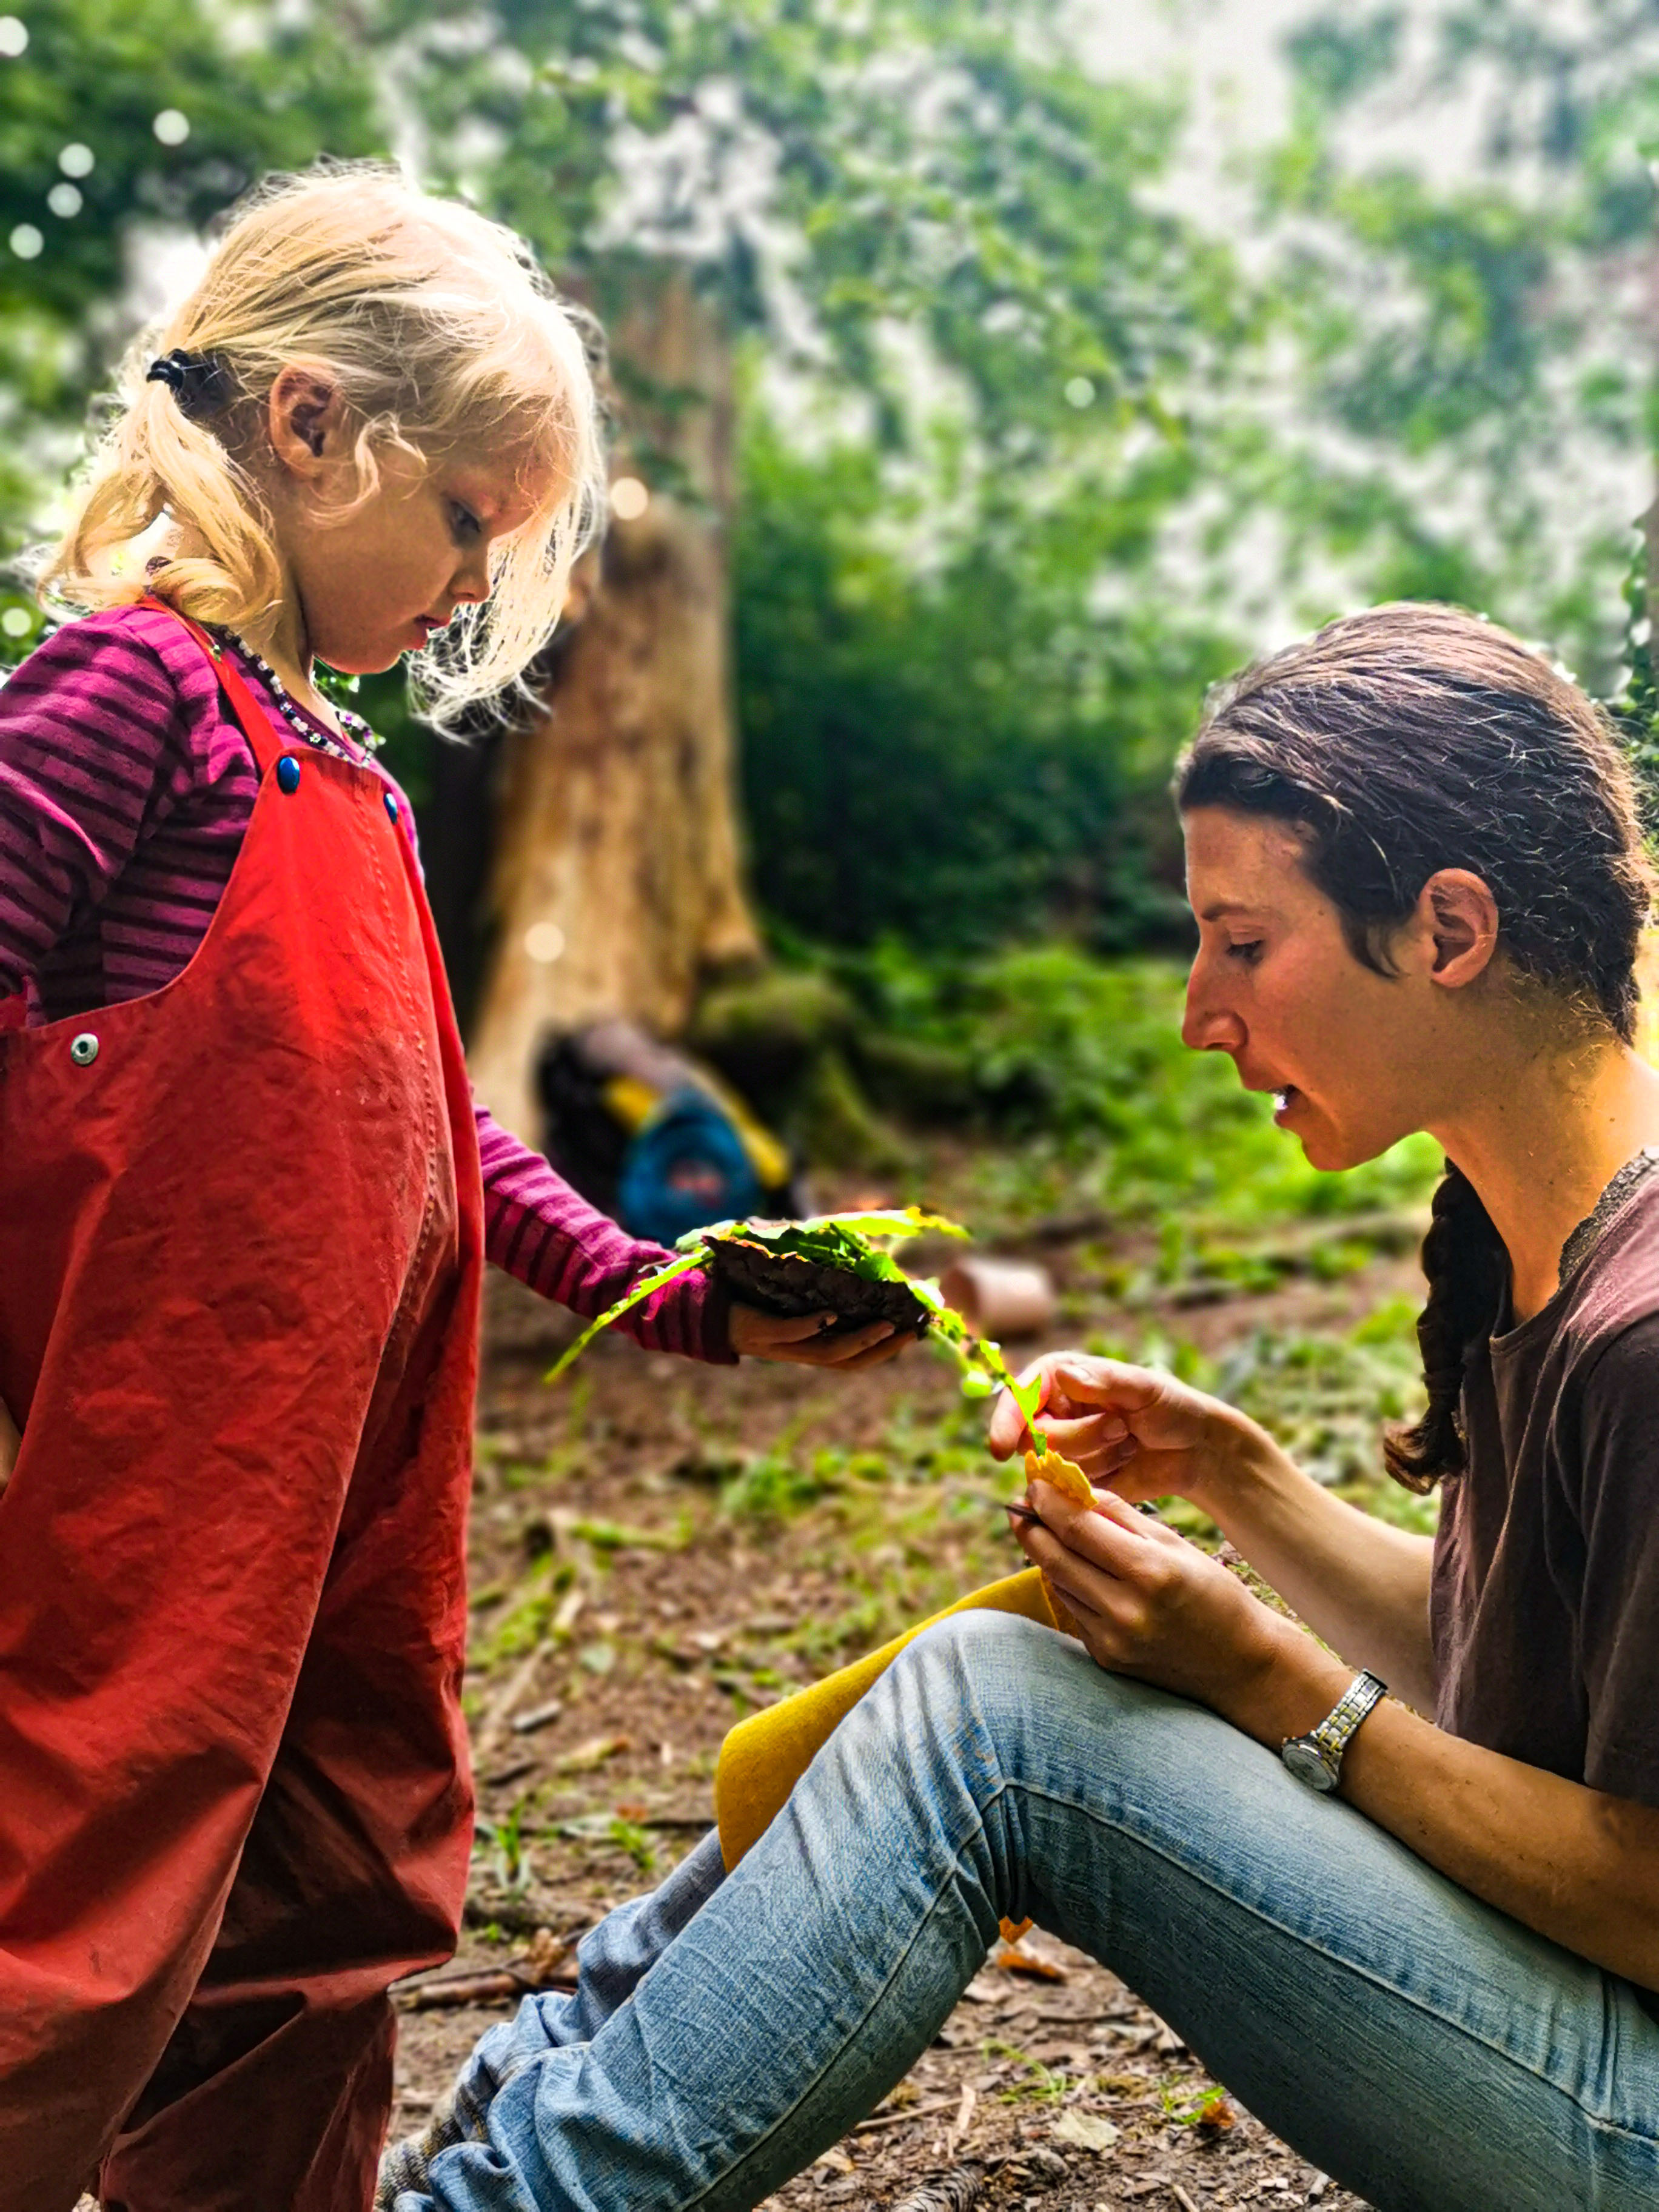 Die Wurzeln des Geschichten Hörens liegen in der Kindheit. In der Fantasiewelt als Kind werden alle Gegenstände beleben. In den Geschichten, die sie hören werden die Gegenstände auch lebendig. Steine konnten sprechen. Tiere und Bäume konnten beraten und helfen. Wesen aus Anderswelten tauchten als Helferfiguren auf. Kinder spüren die Botschaften von Geschichten. Die Geschichte erzählt ihnen von Lebensthemen, von Not und von Lösungswegen. Das Kind fühlt sich in der Geschichte gespiegelt.